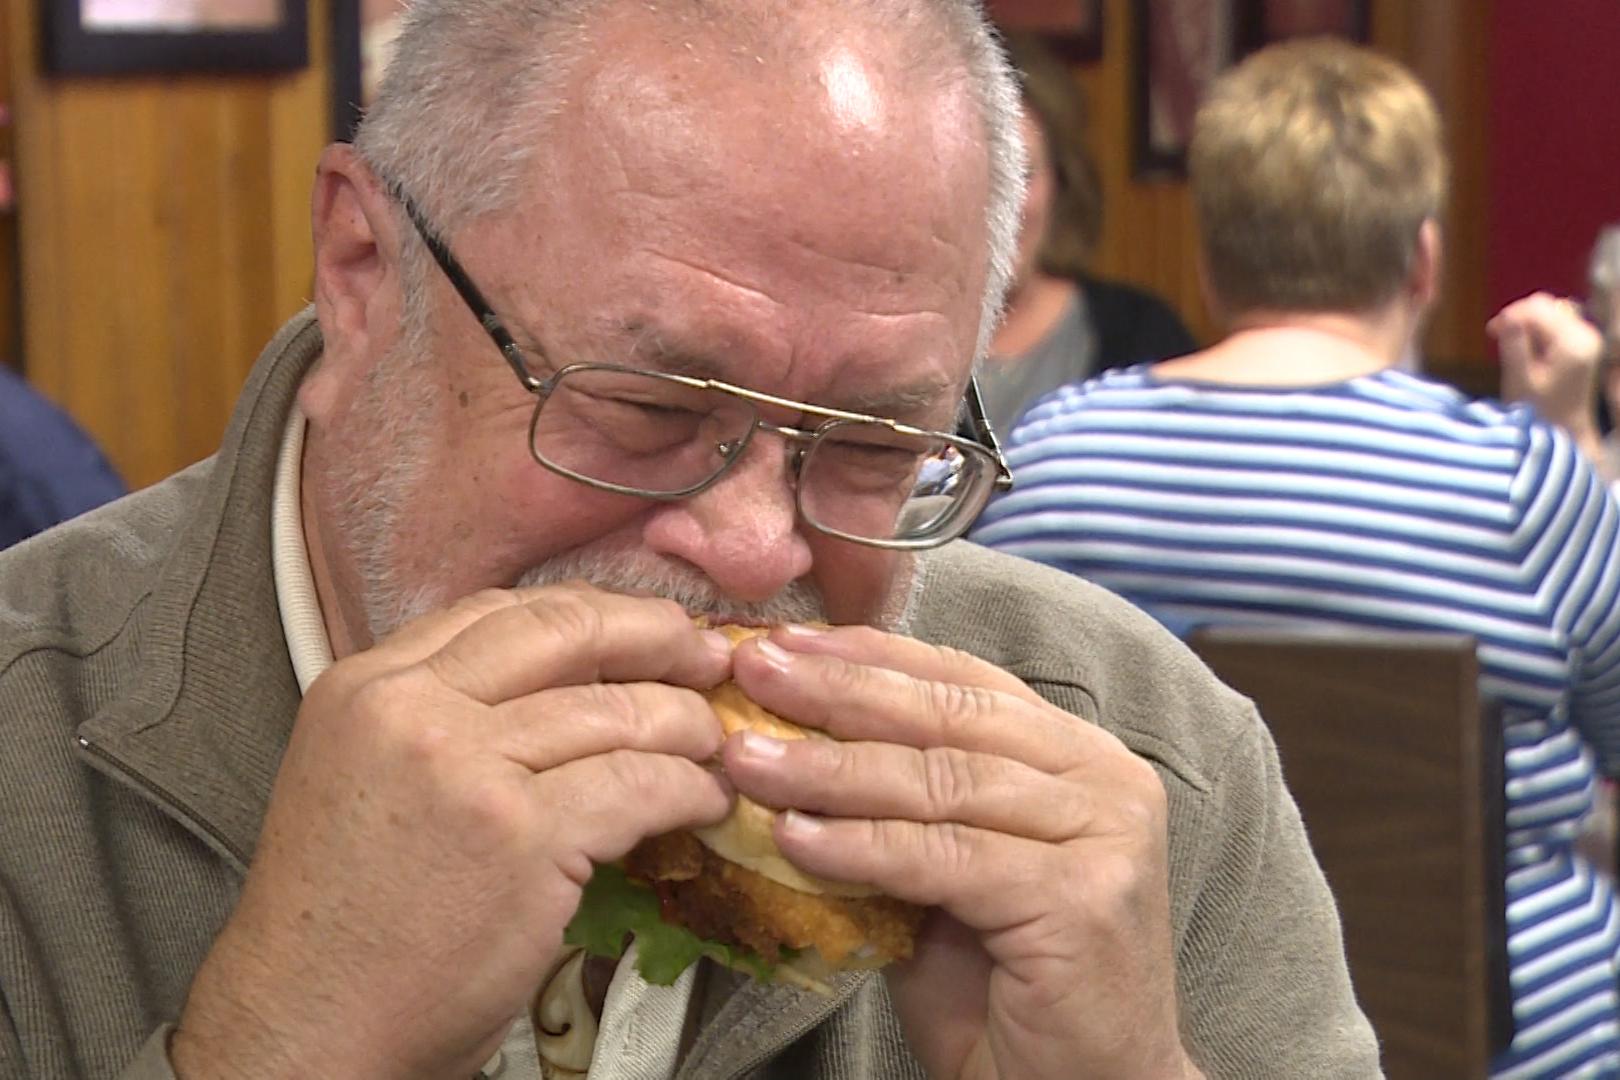 eating-tenderloin.jpg